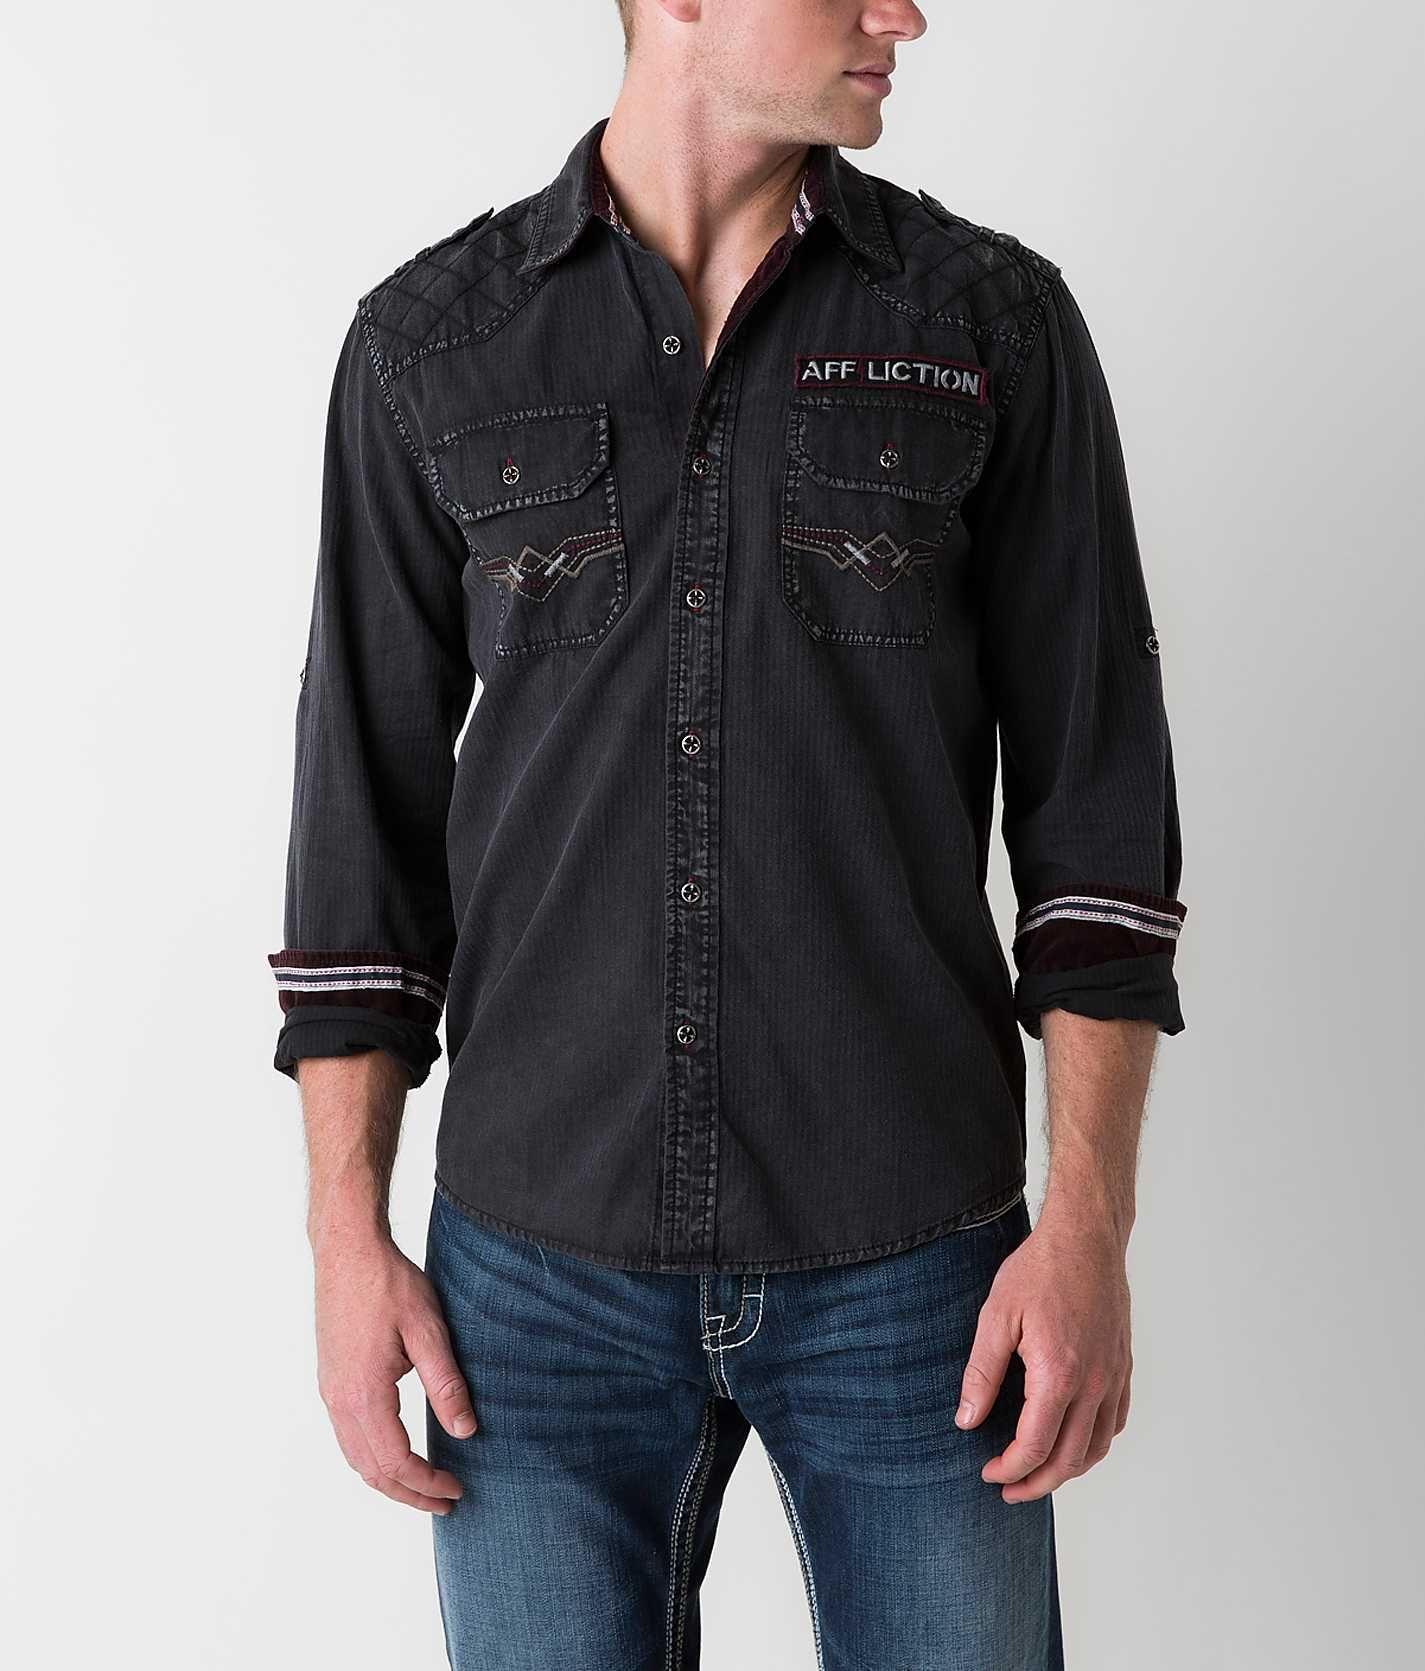 """Affliction Black Premium """"Leather"""" Coat Leather coat"""